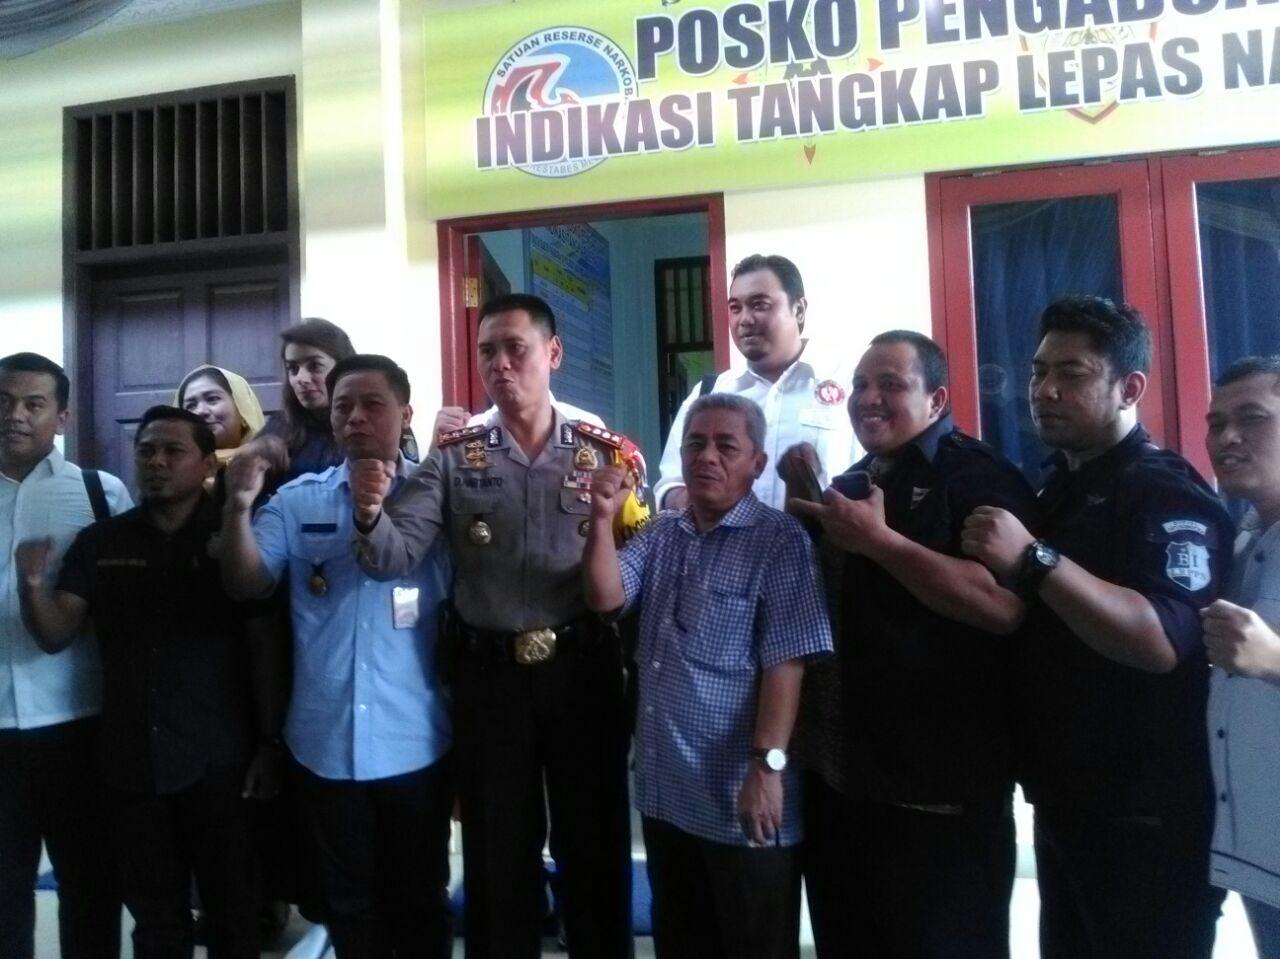 Kapolrestabes Medan Buka Posko Pengaduan Indikasi Tangkap Lepas Kasus Narkoba